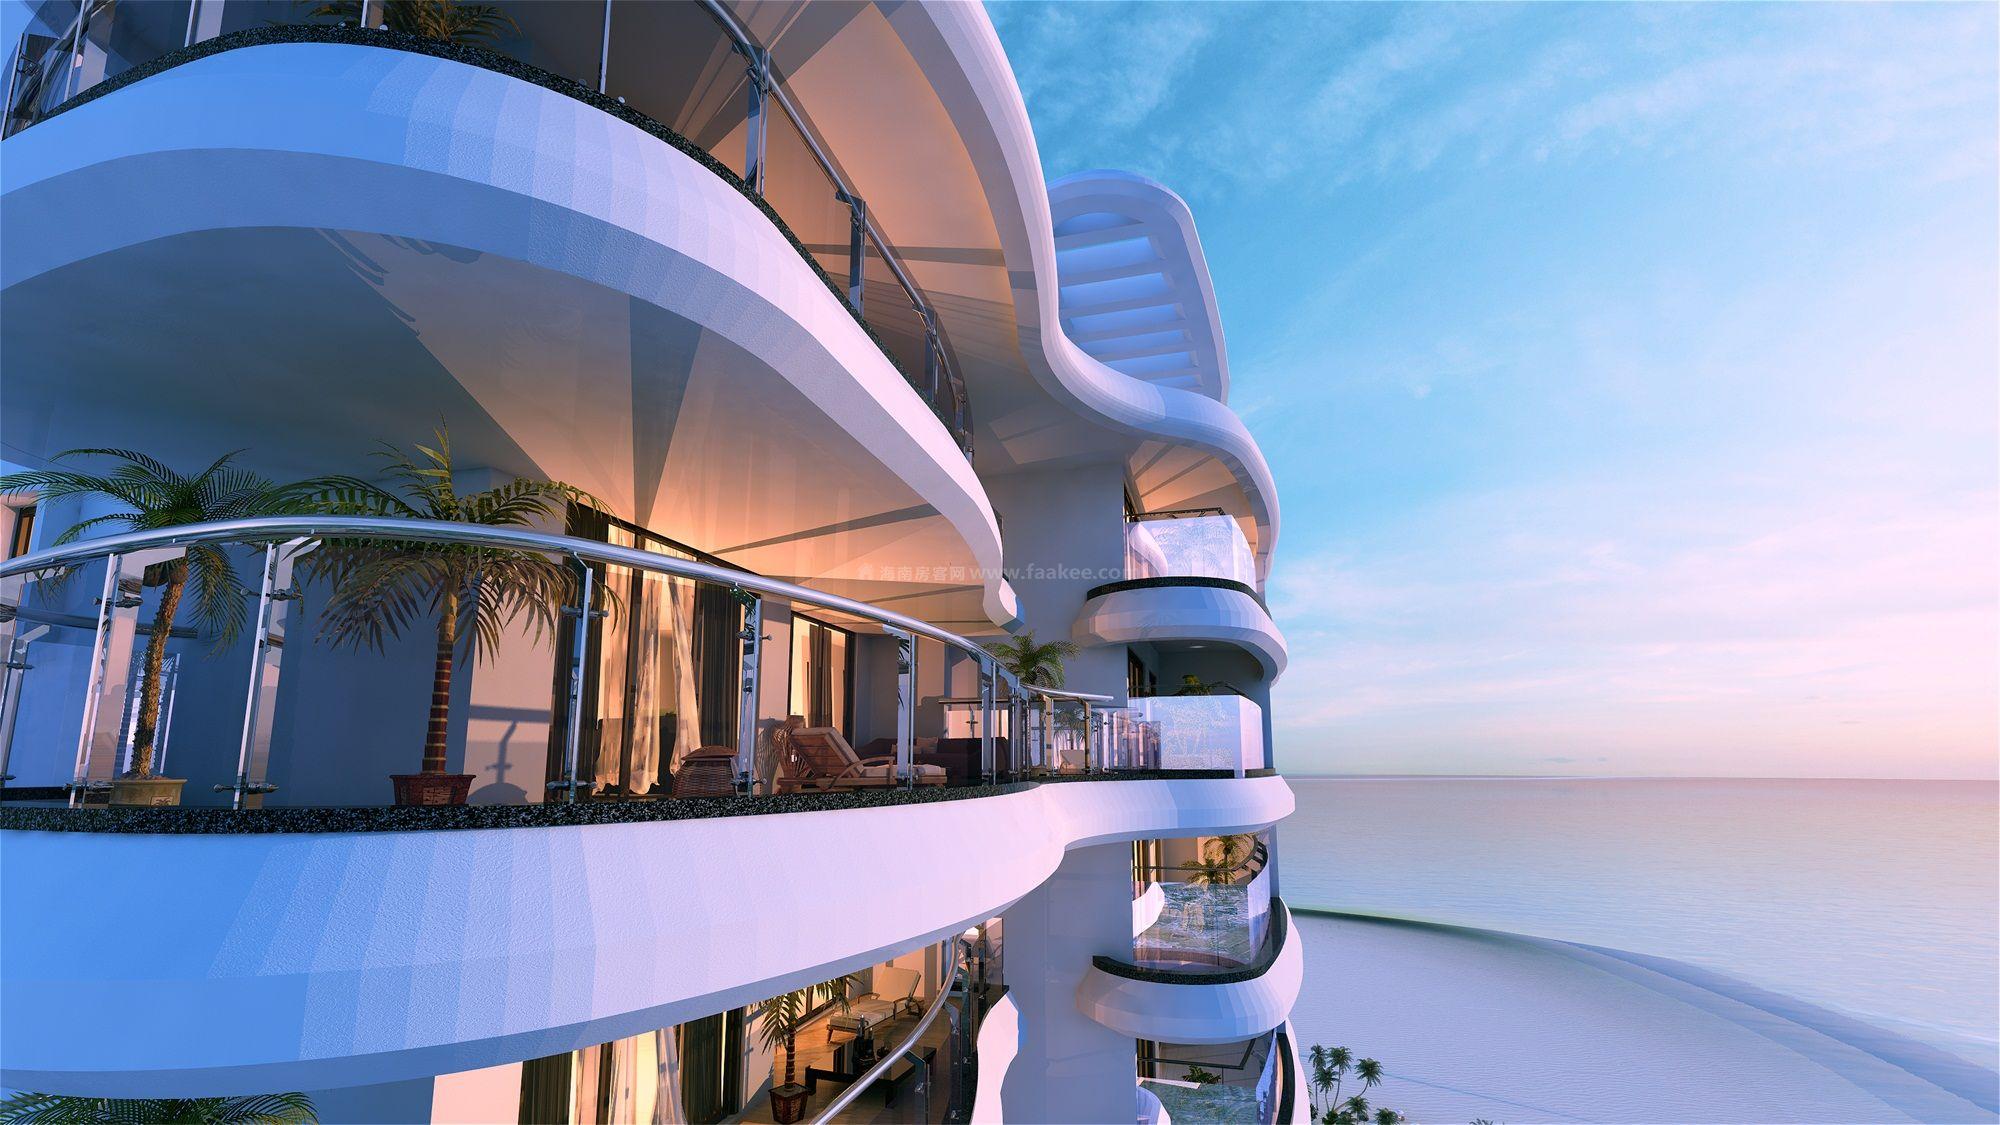 清凤海棠长滩11#楼洋房在售,总价约800-1100万/套